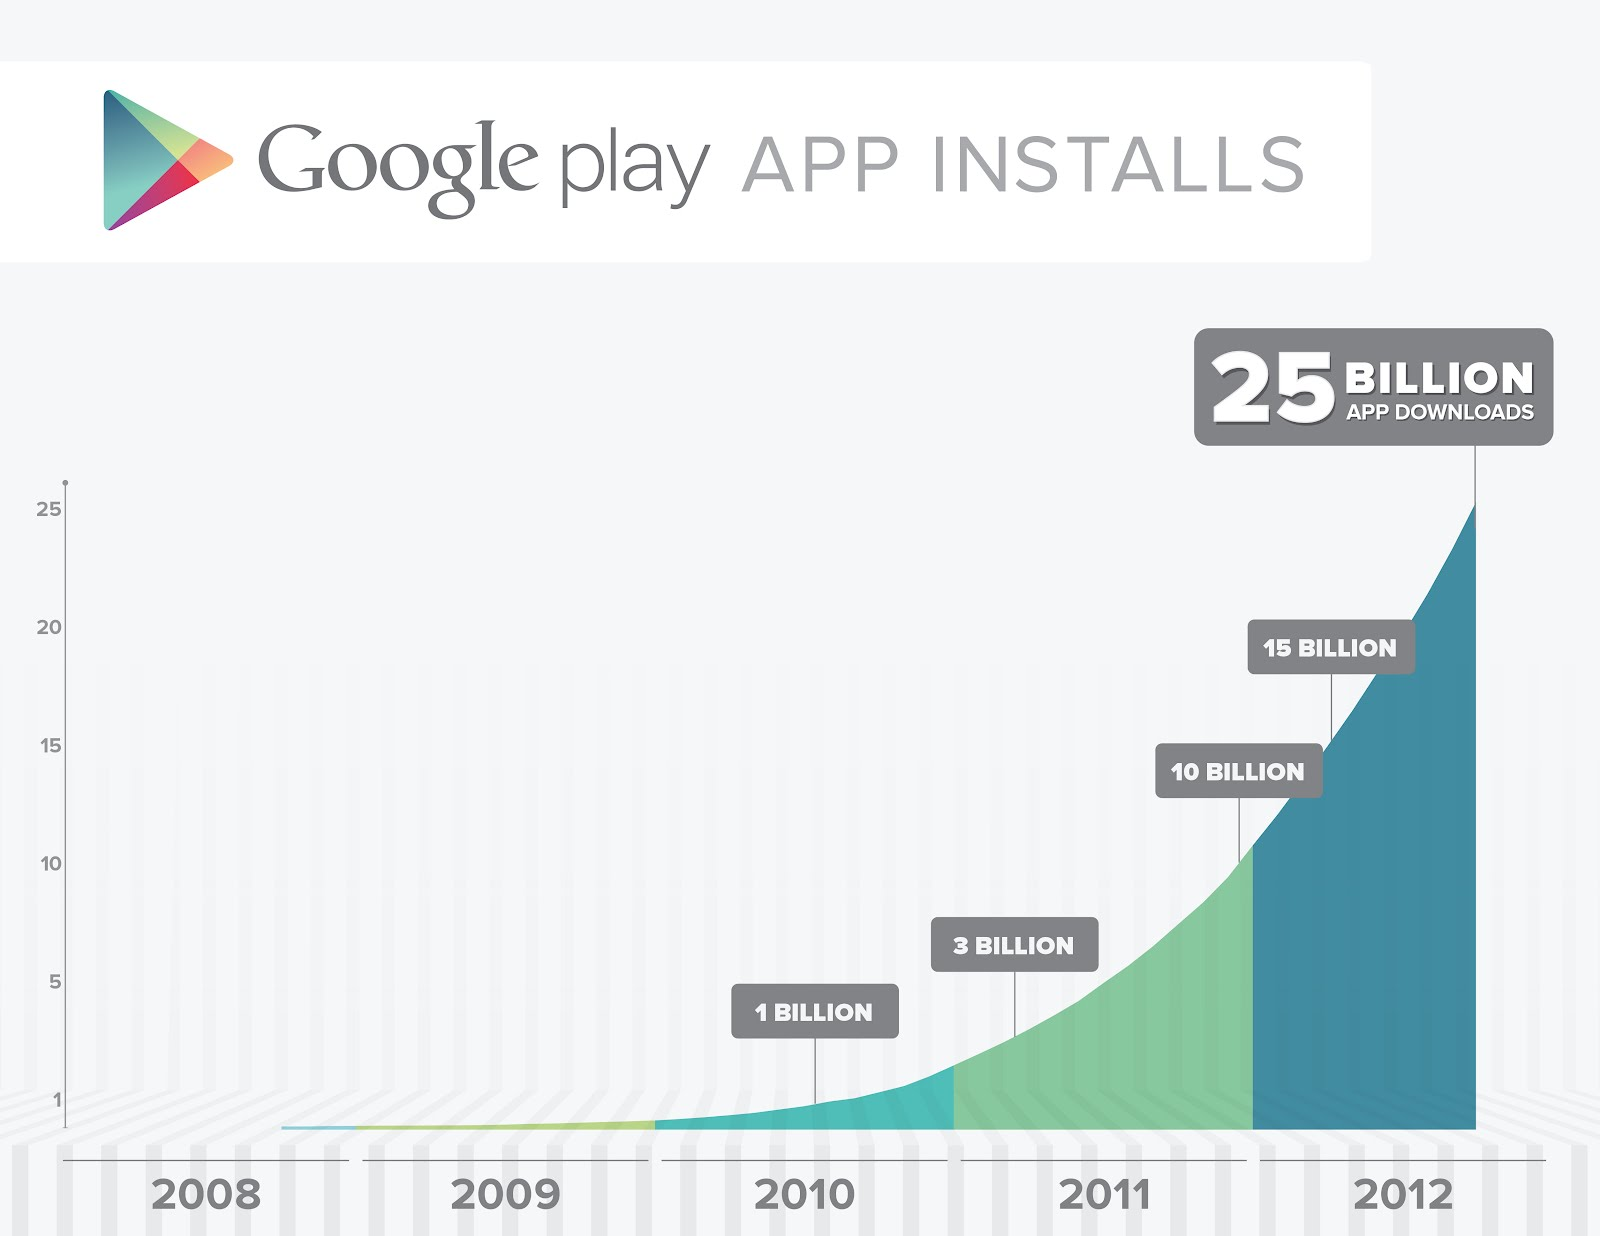 Google Play app installations